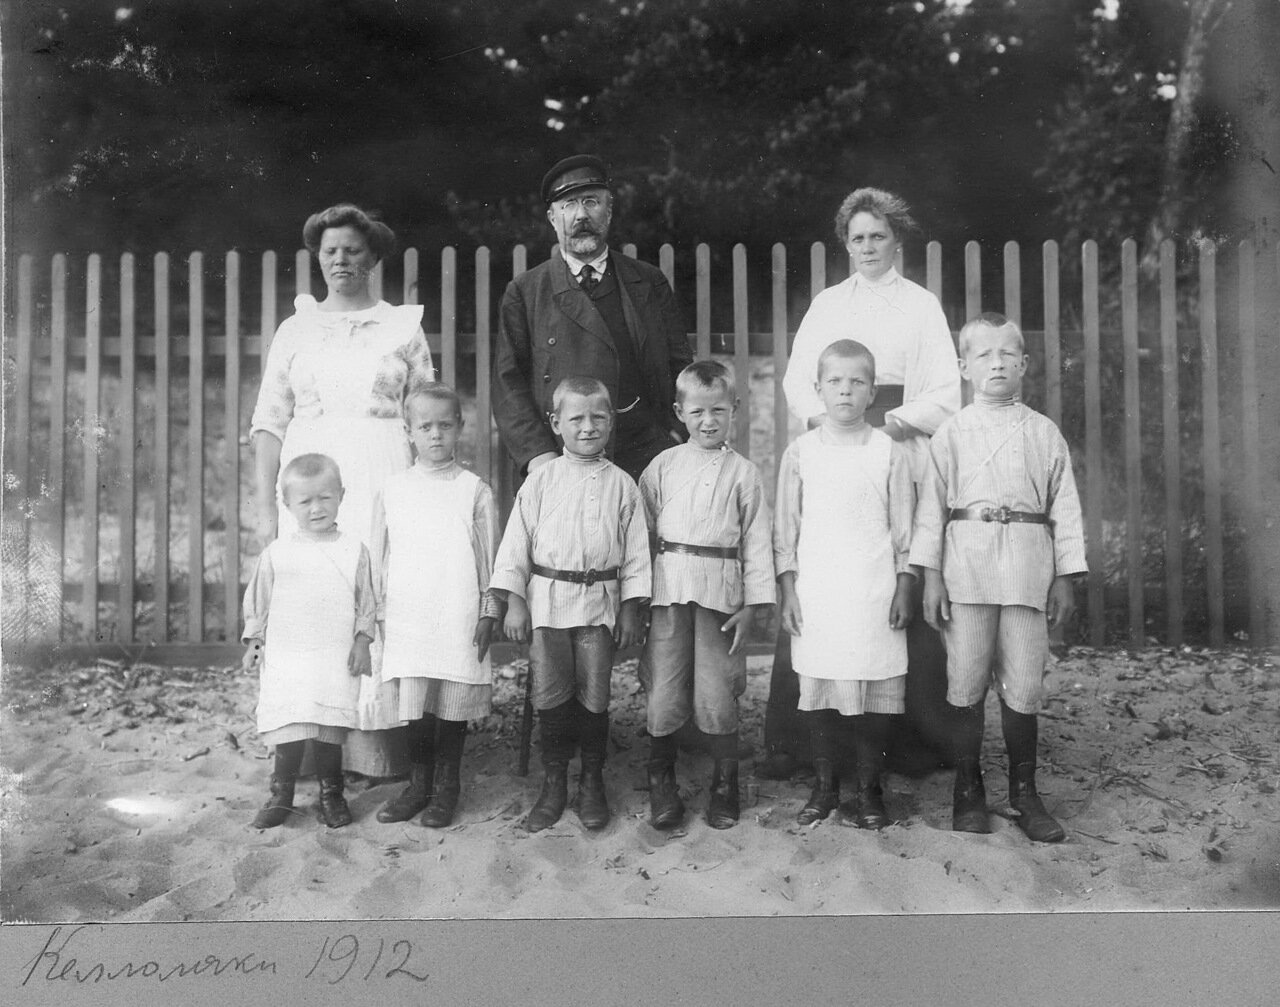 Келломяки. 1912